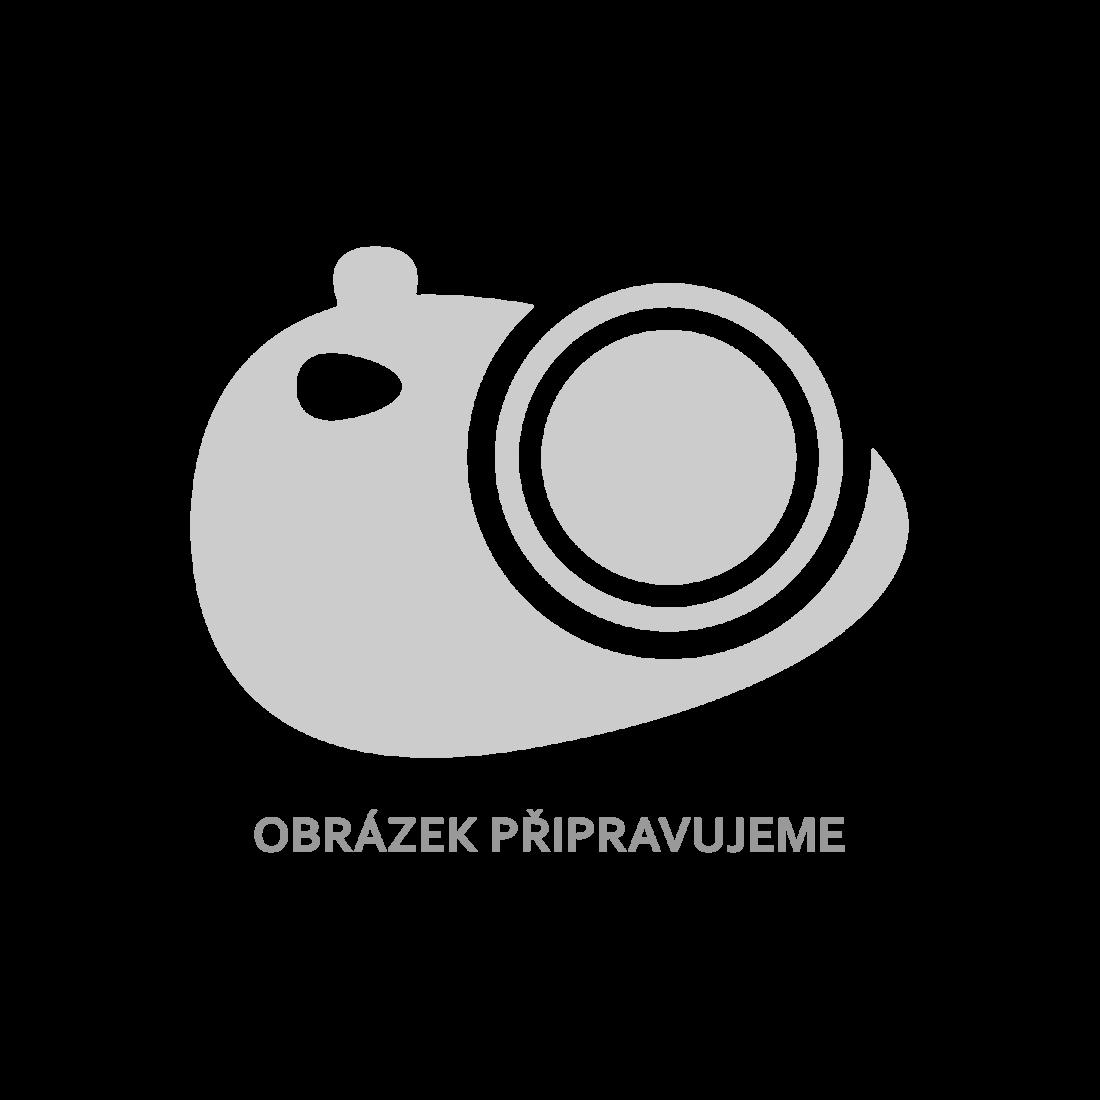 vidaXL Barový stůl se skříní dubový 115 x 59 x 200 cm [280229]